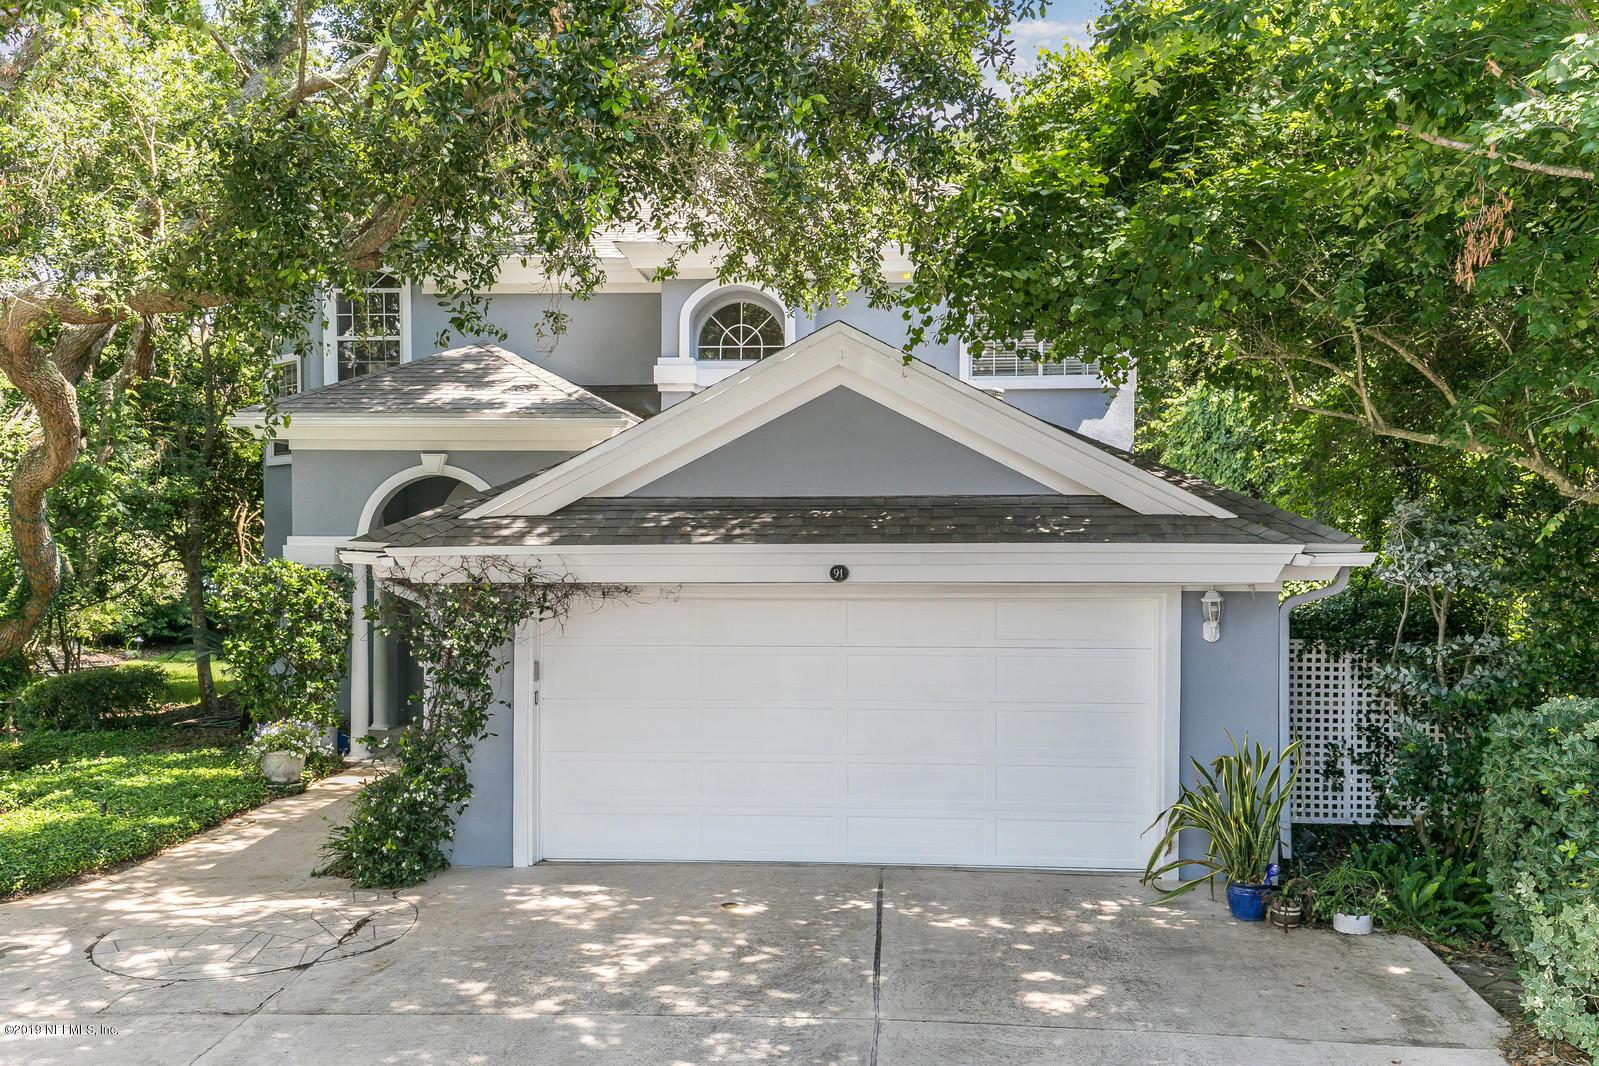 91 OCEAN BREEZE, ATLANTIC BEACH, FLORIDA 32233, 4 Bedrooms Bedrooms, ,3 BathroomsBathrooms,Residential - single family,For sale,OCEAN BREEZE,974354